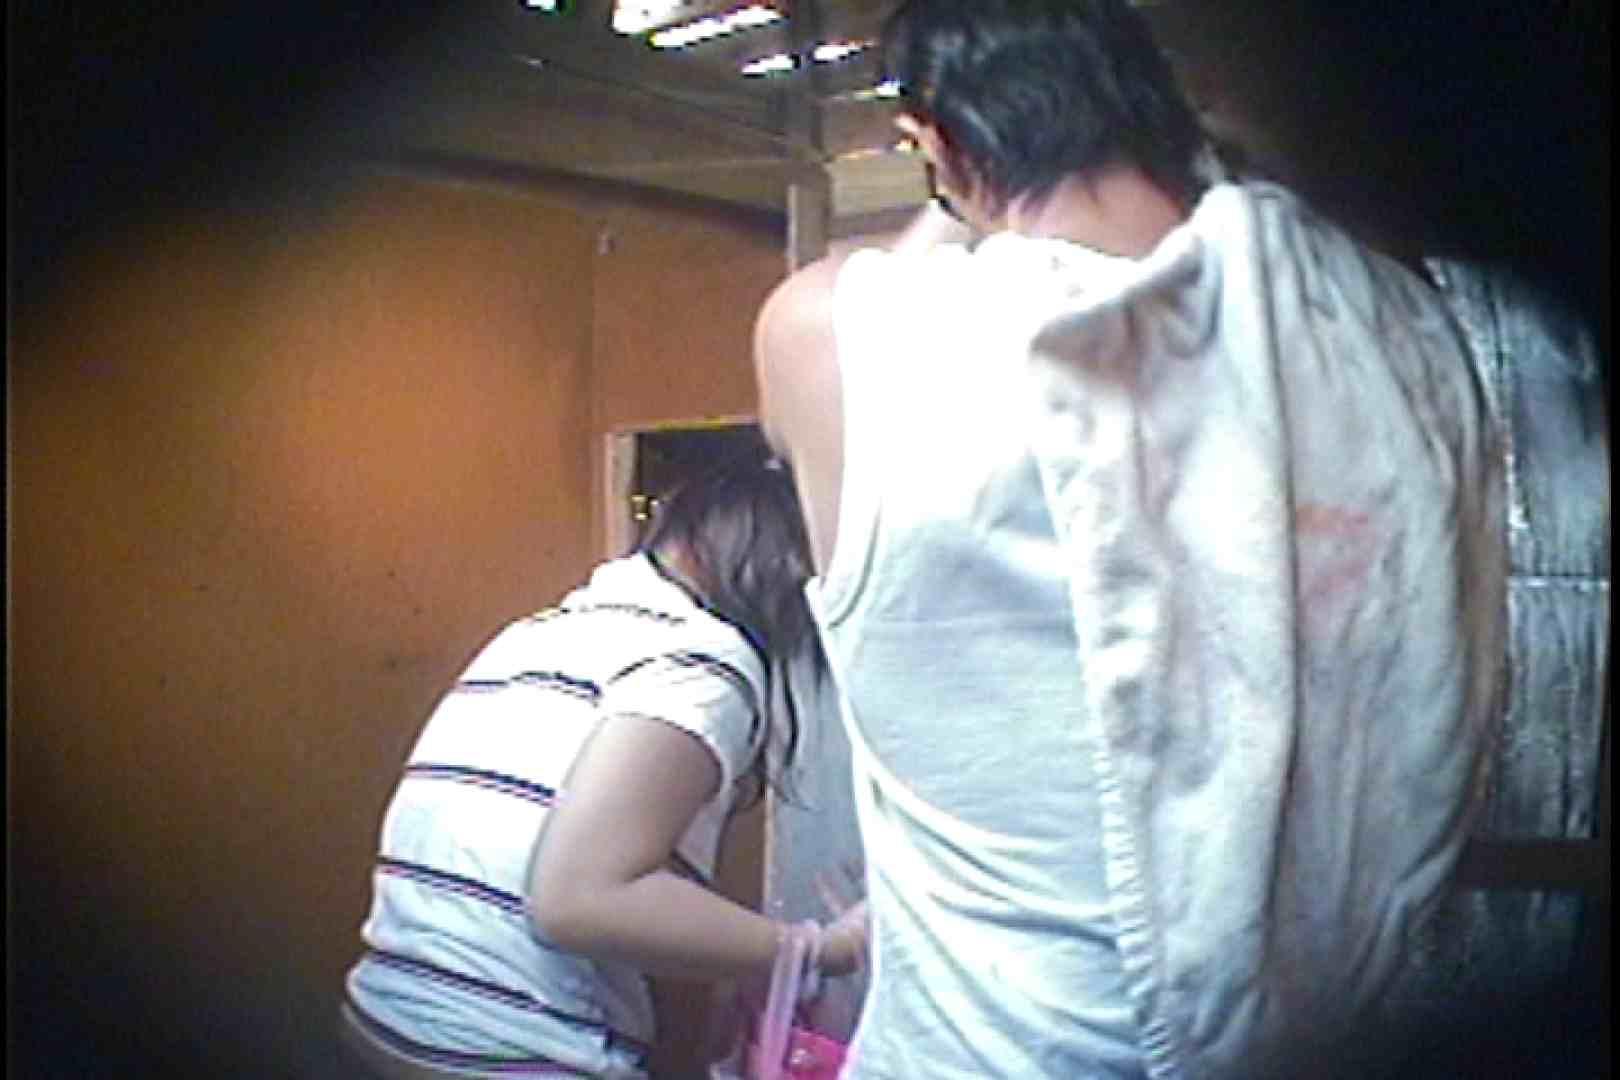 海の家の更衣室 Vol.57 エッチすぎる美女 SEX無修正画像 52連発 11